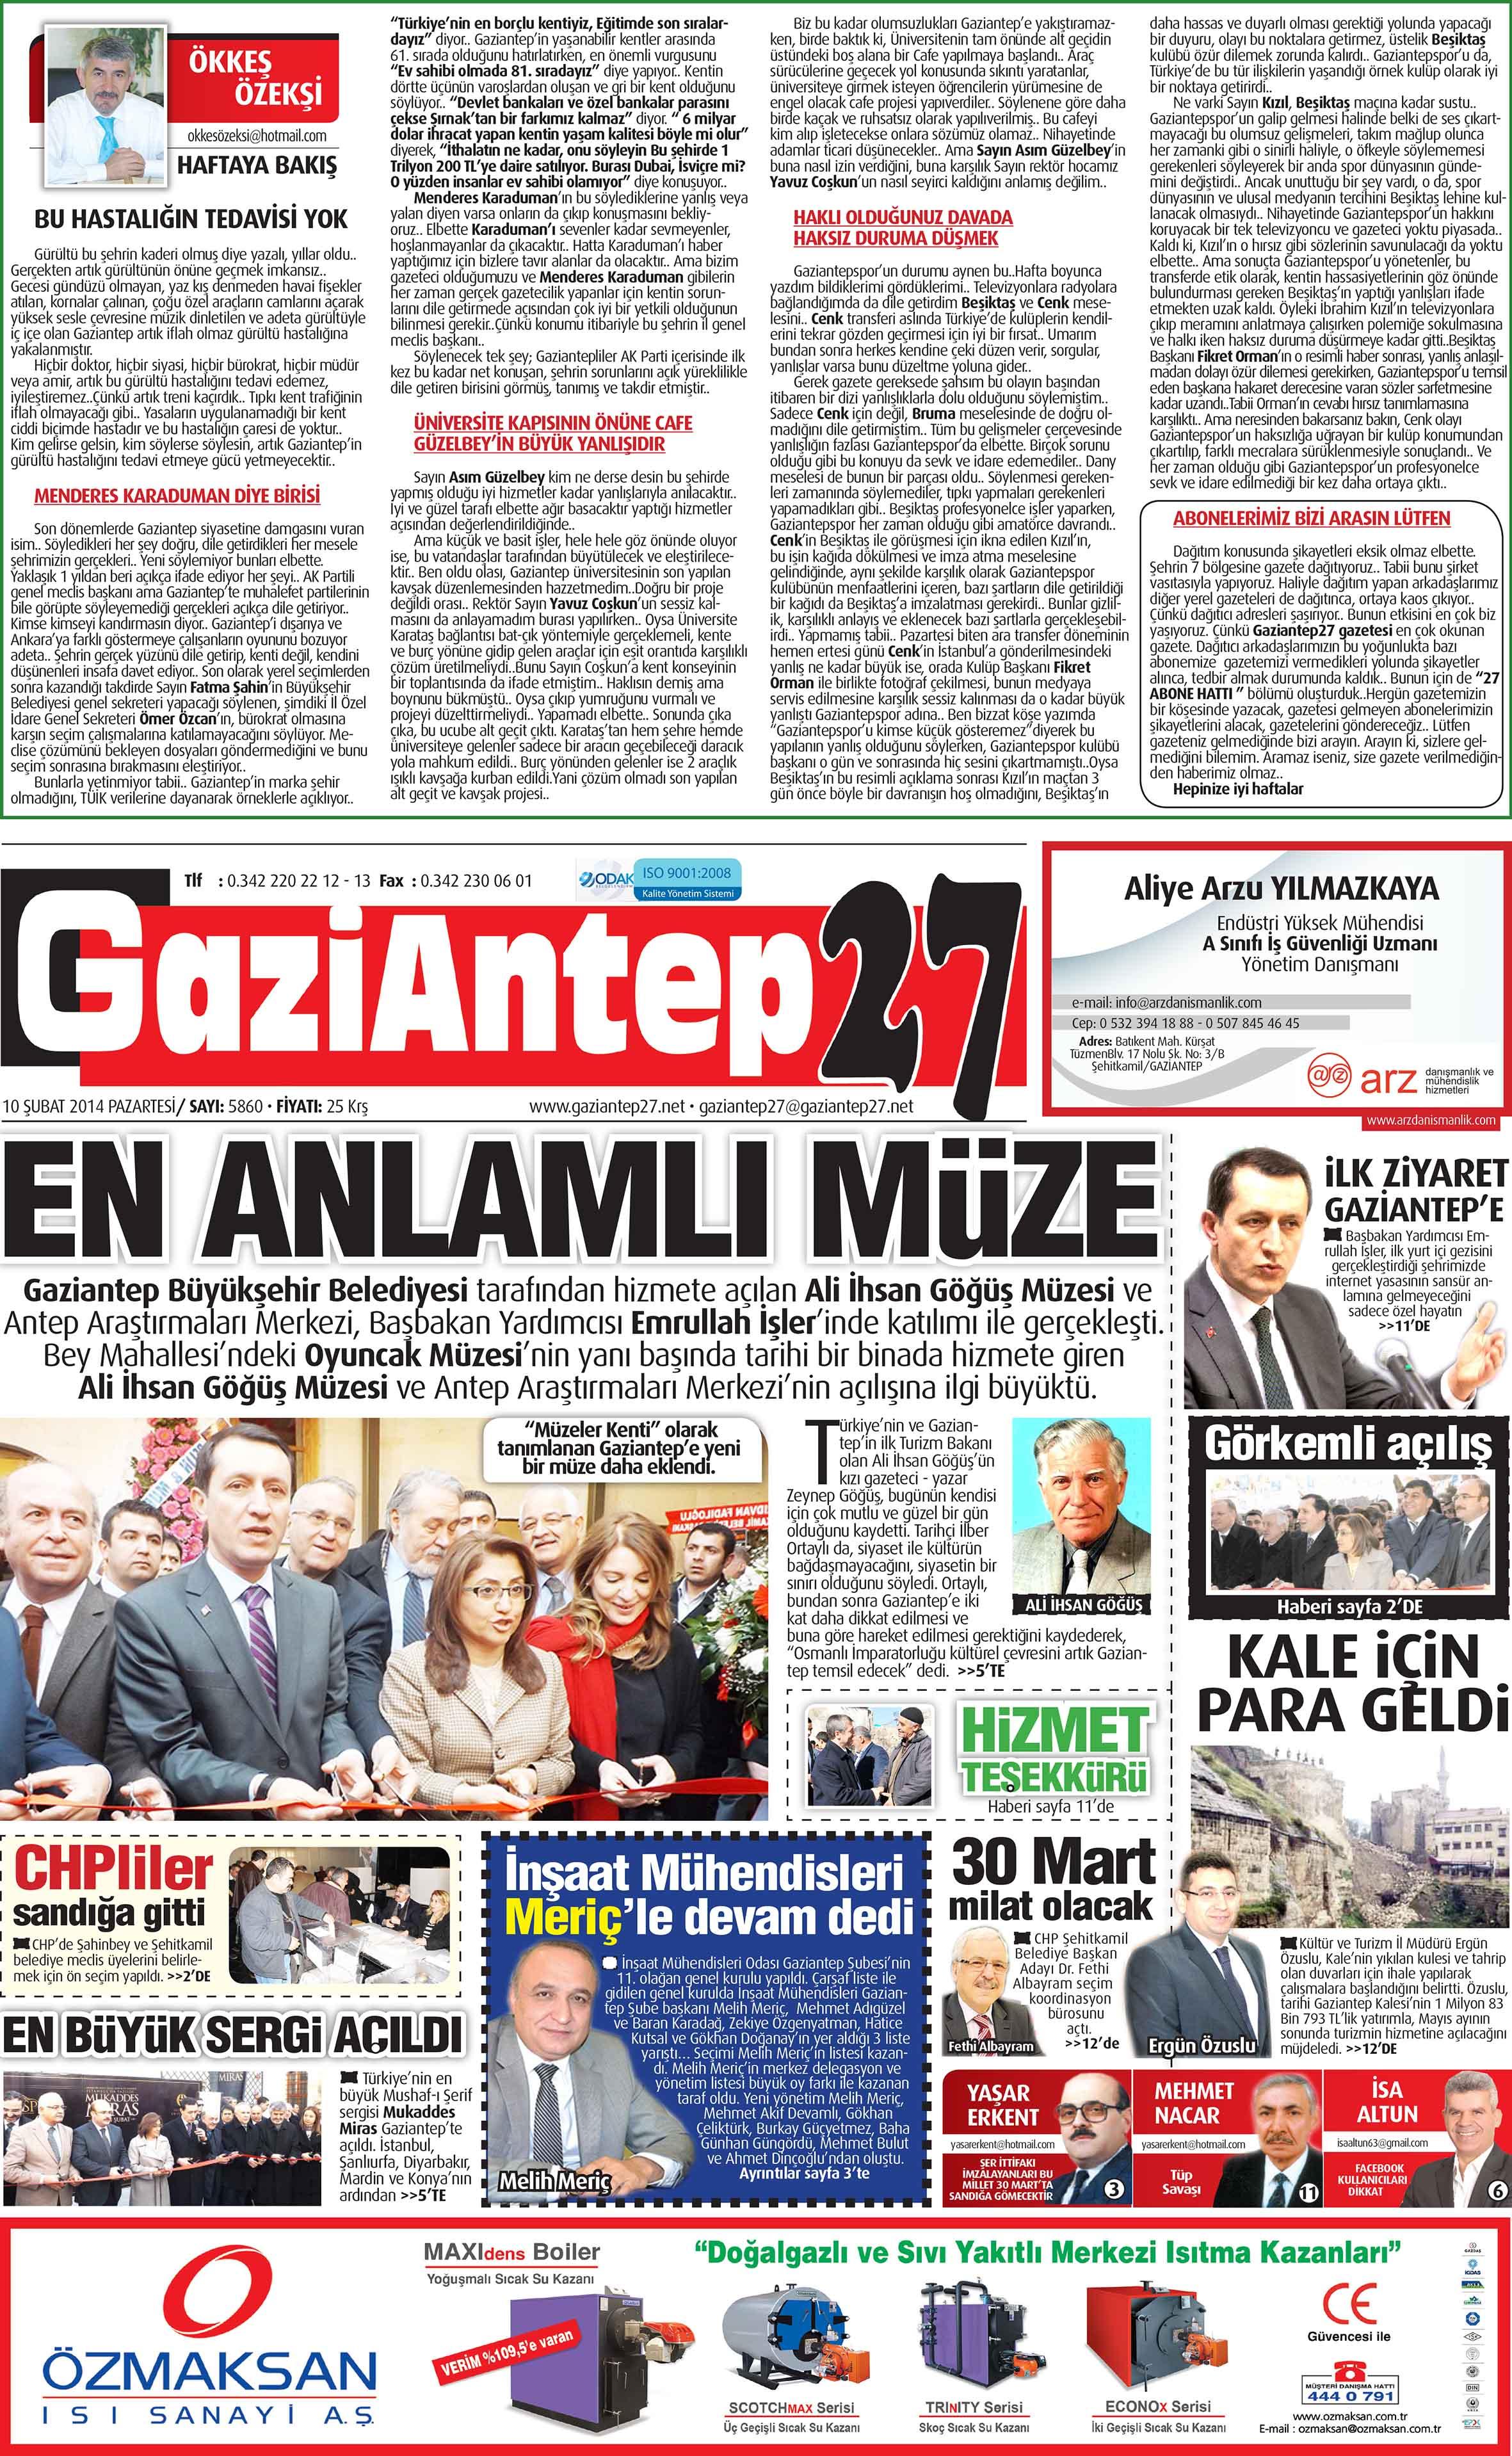 10 Şubat 2014 sayfalar 2